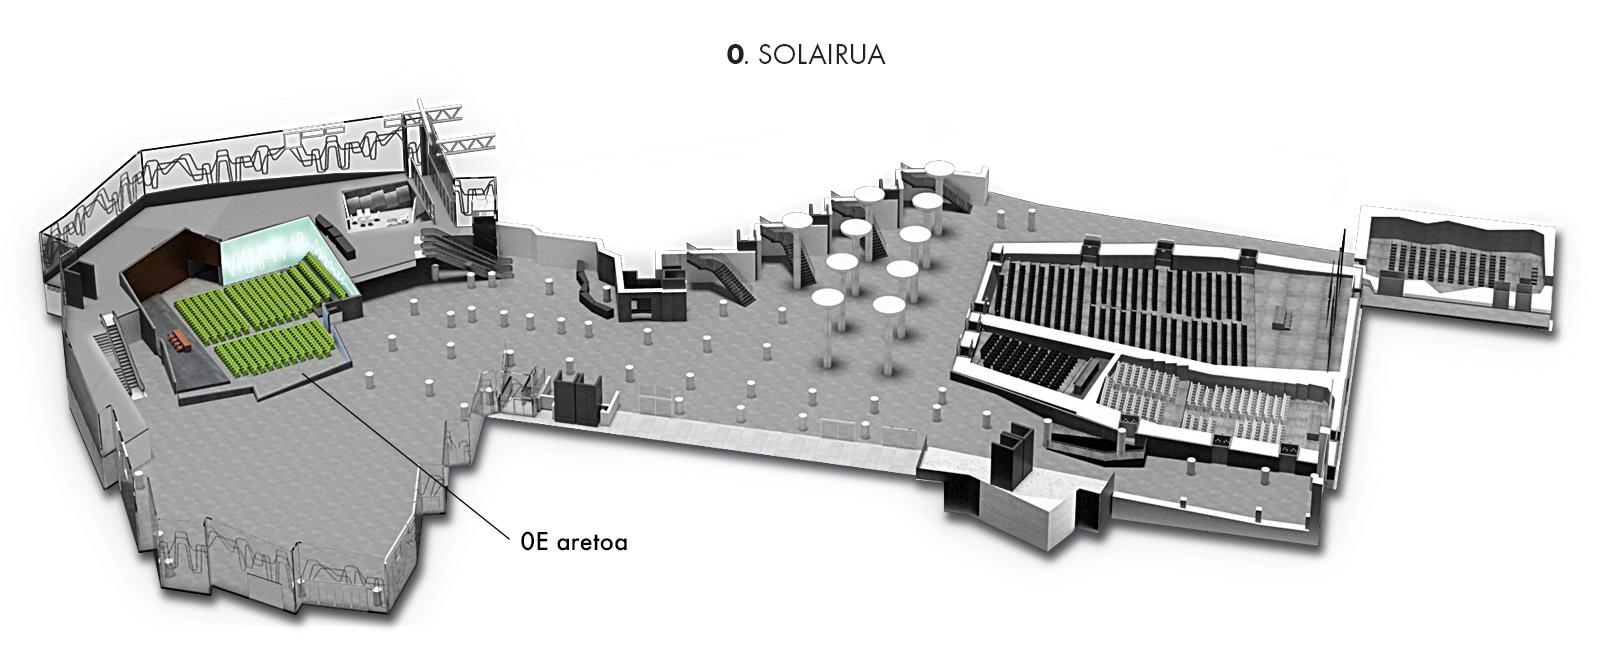 0E aretoa, 0. solairua | Palacio Euskalduna Jauregia